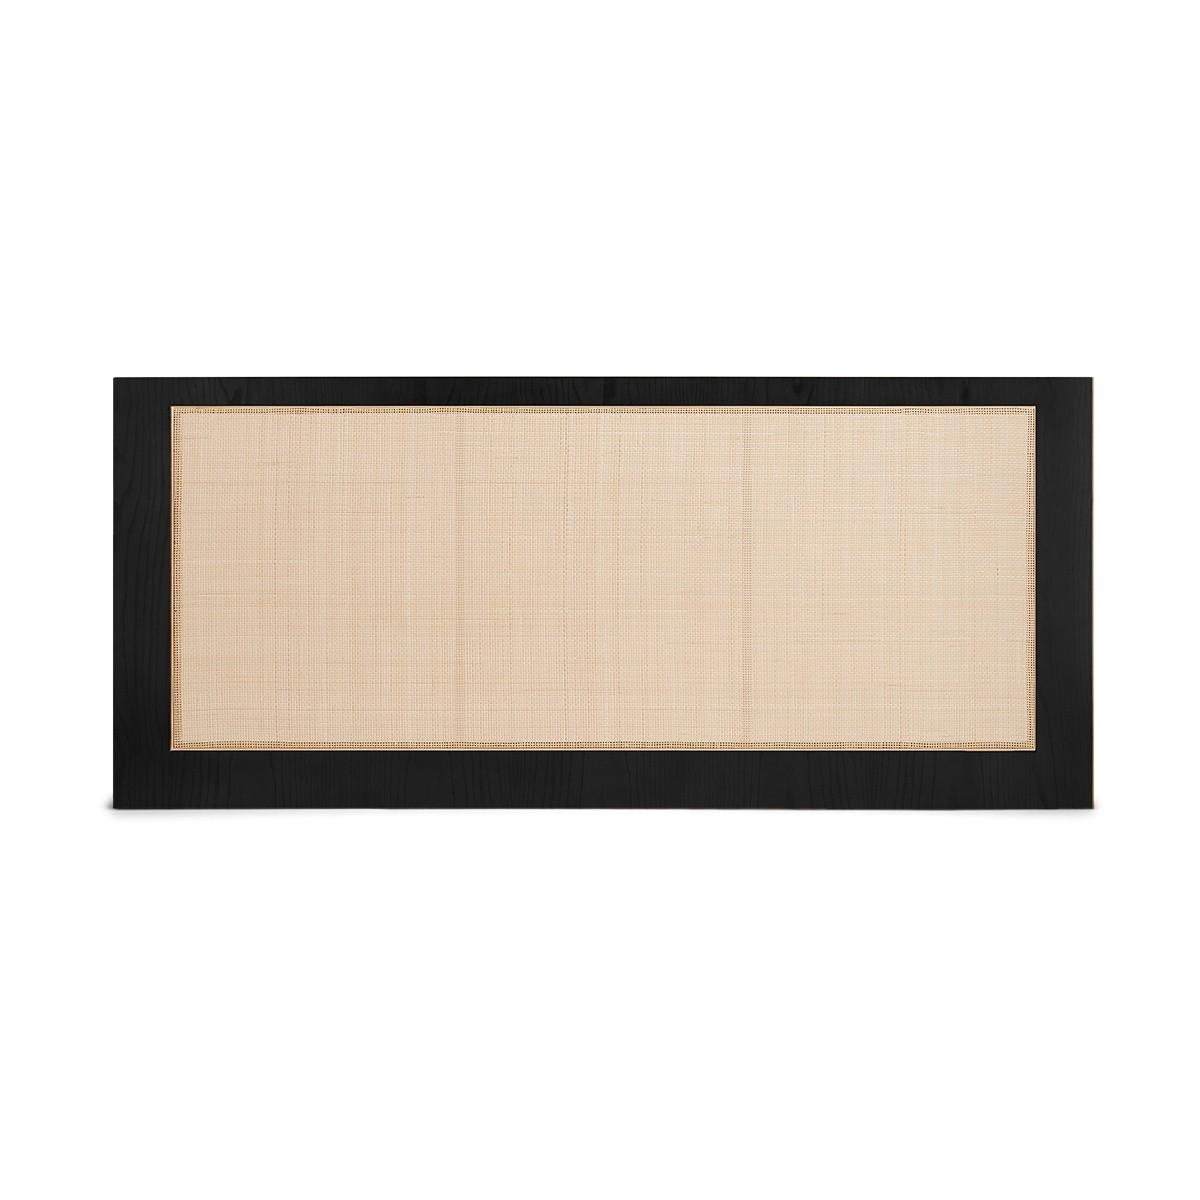 Tête de lit Sogno noire 190 cm